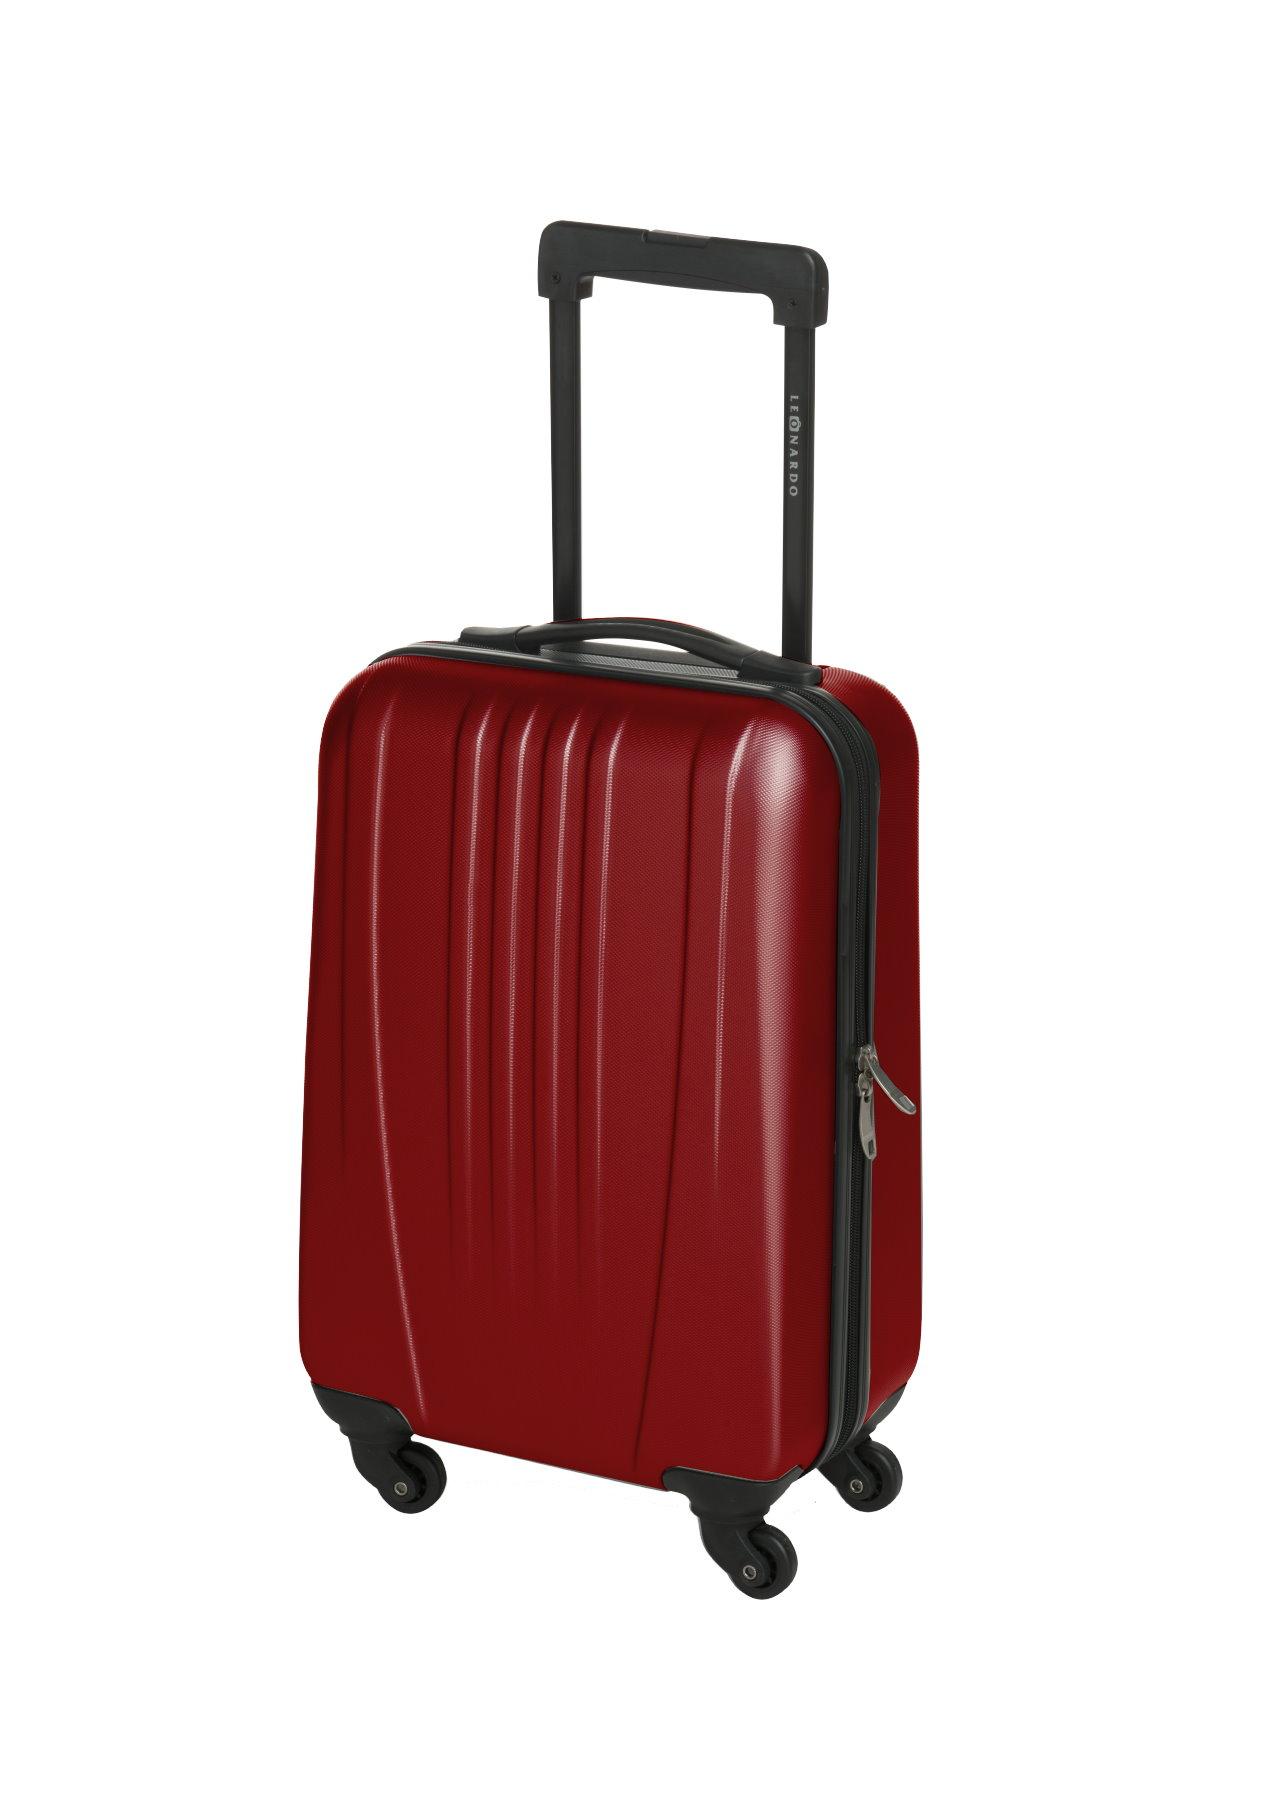 30l leonardo koffer reisekoffer handgep ck trolley koffer. Black Bedroom Furniture Sets. Home Design Ideas